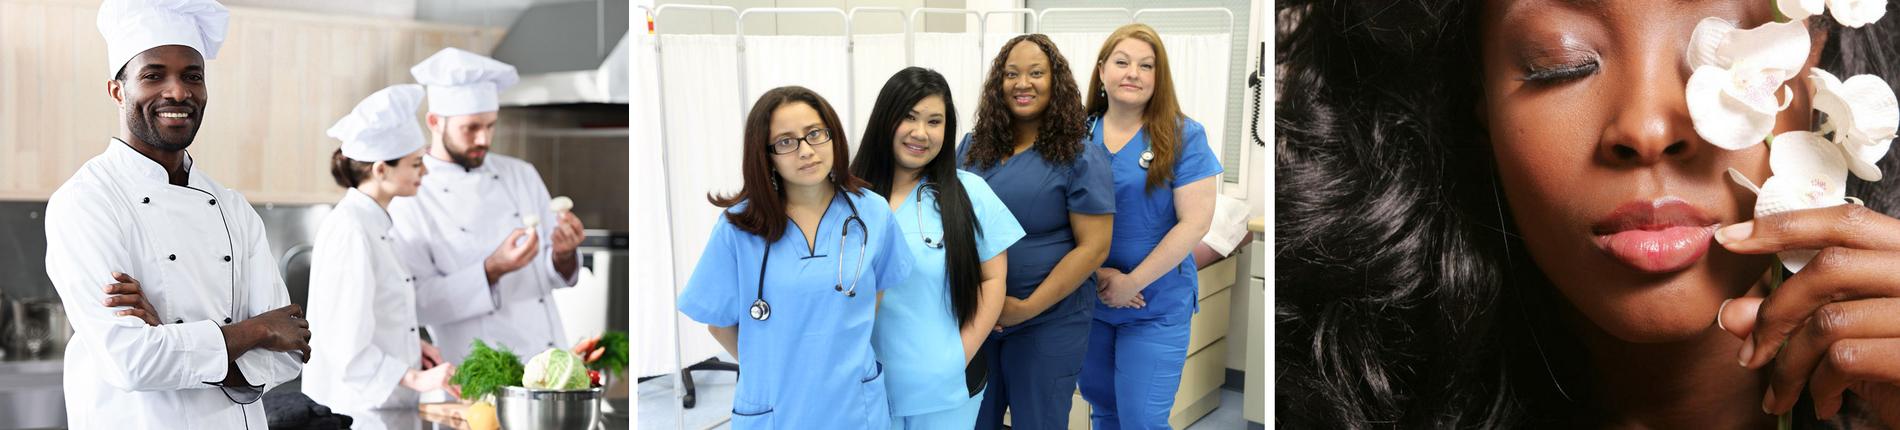 Roseville Michigan Campus Dorsey Schools Career Training